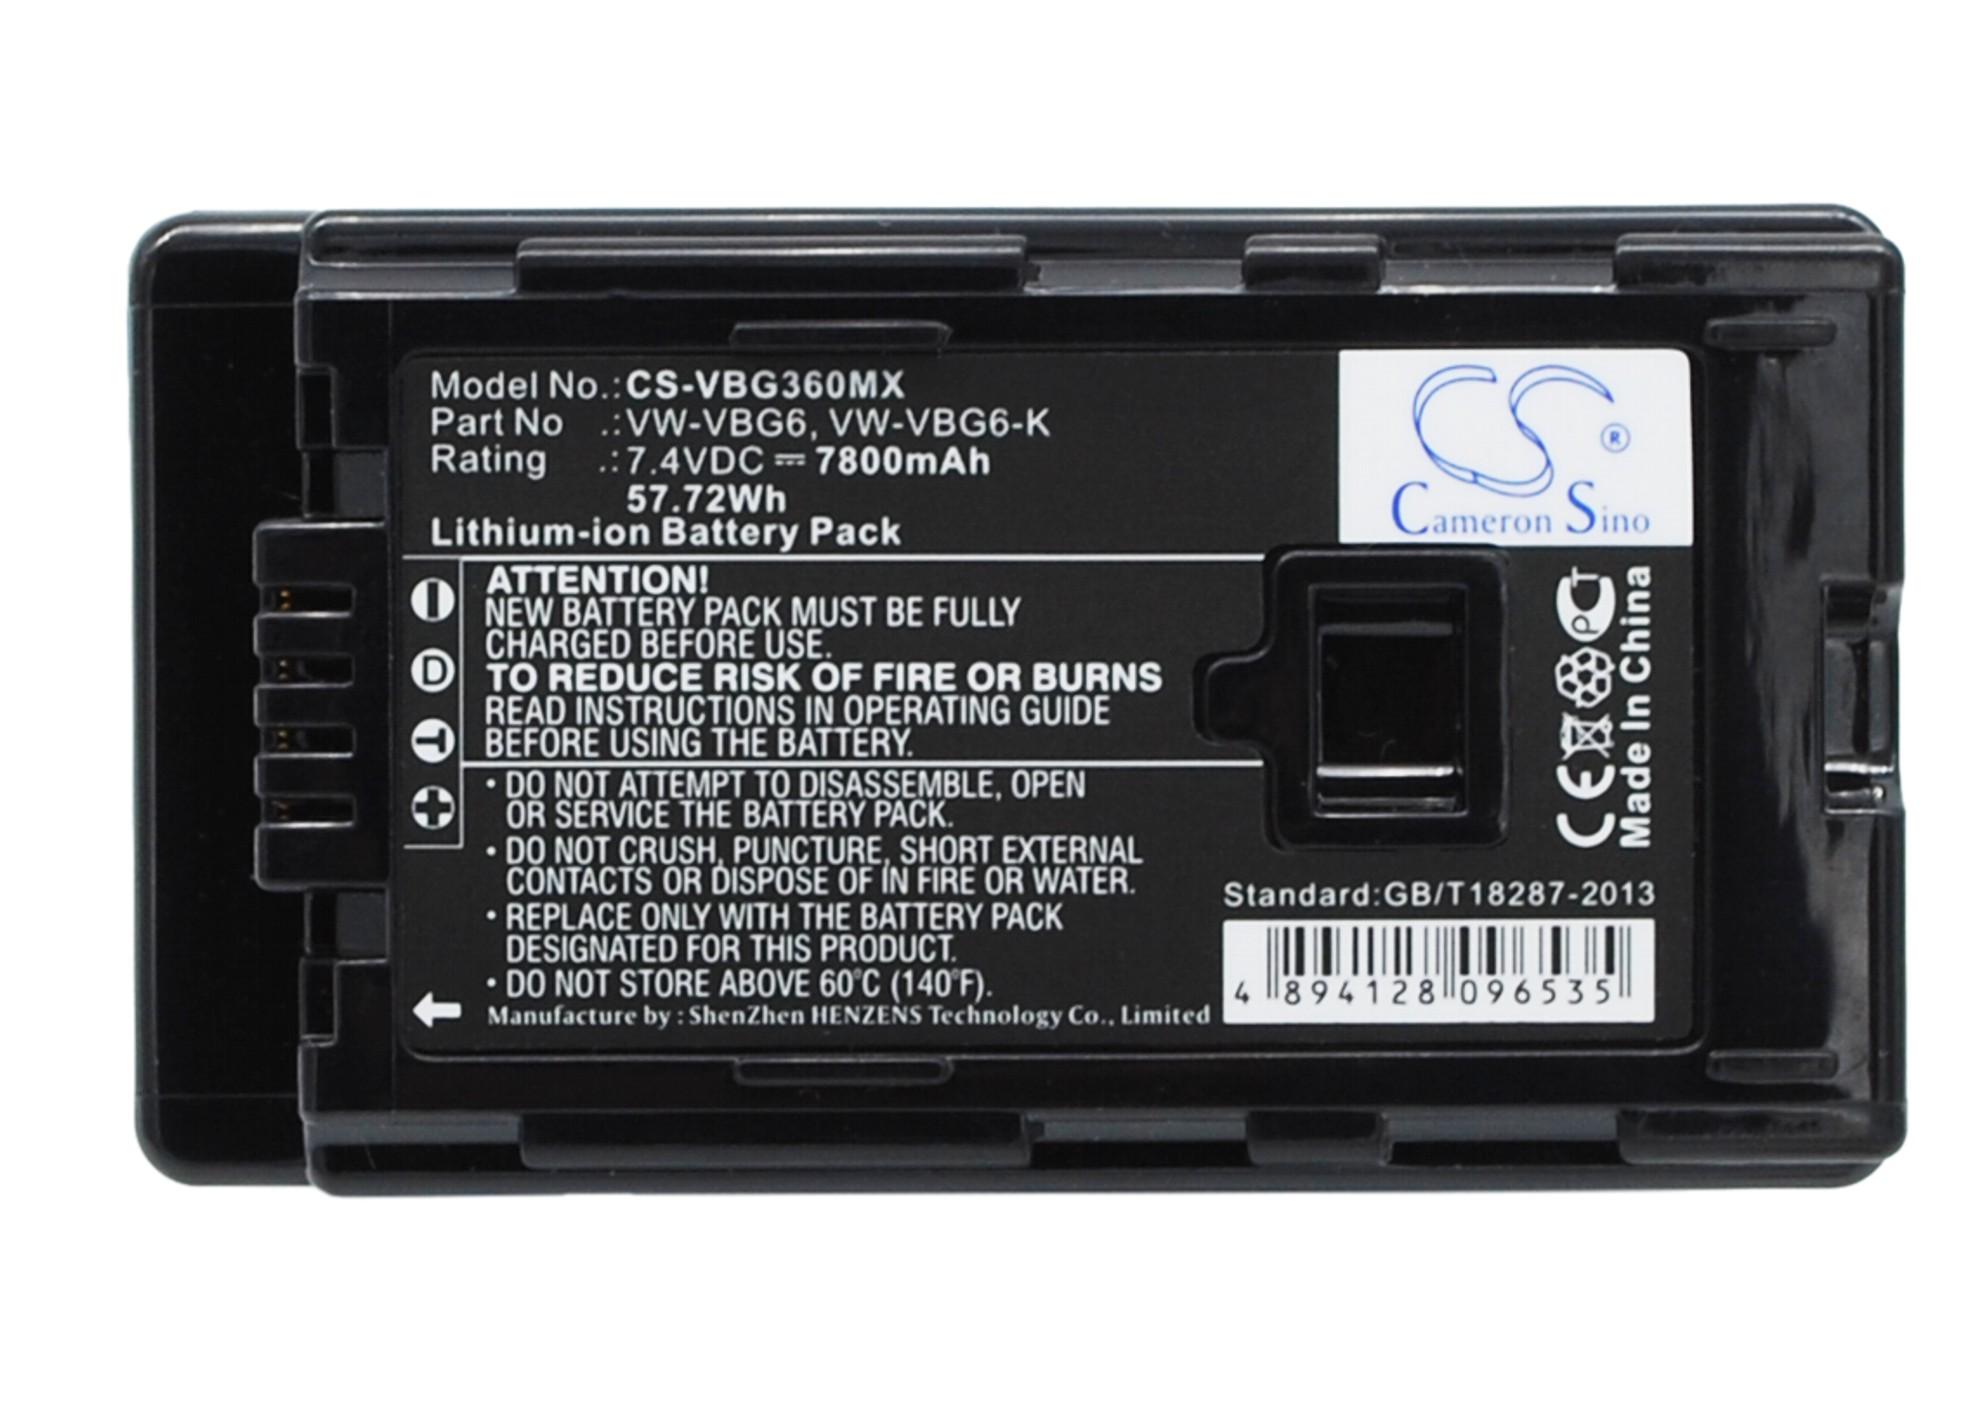 Cameron Sino baterie do kamer a fotoaparátů pro PANASONIC HDC-SD9EG-S 7.4V Li-ion 7800mAh černá - neoriginální